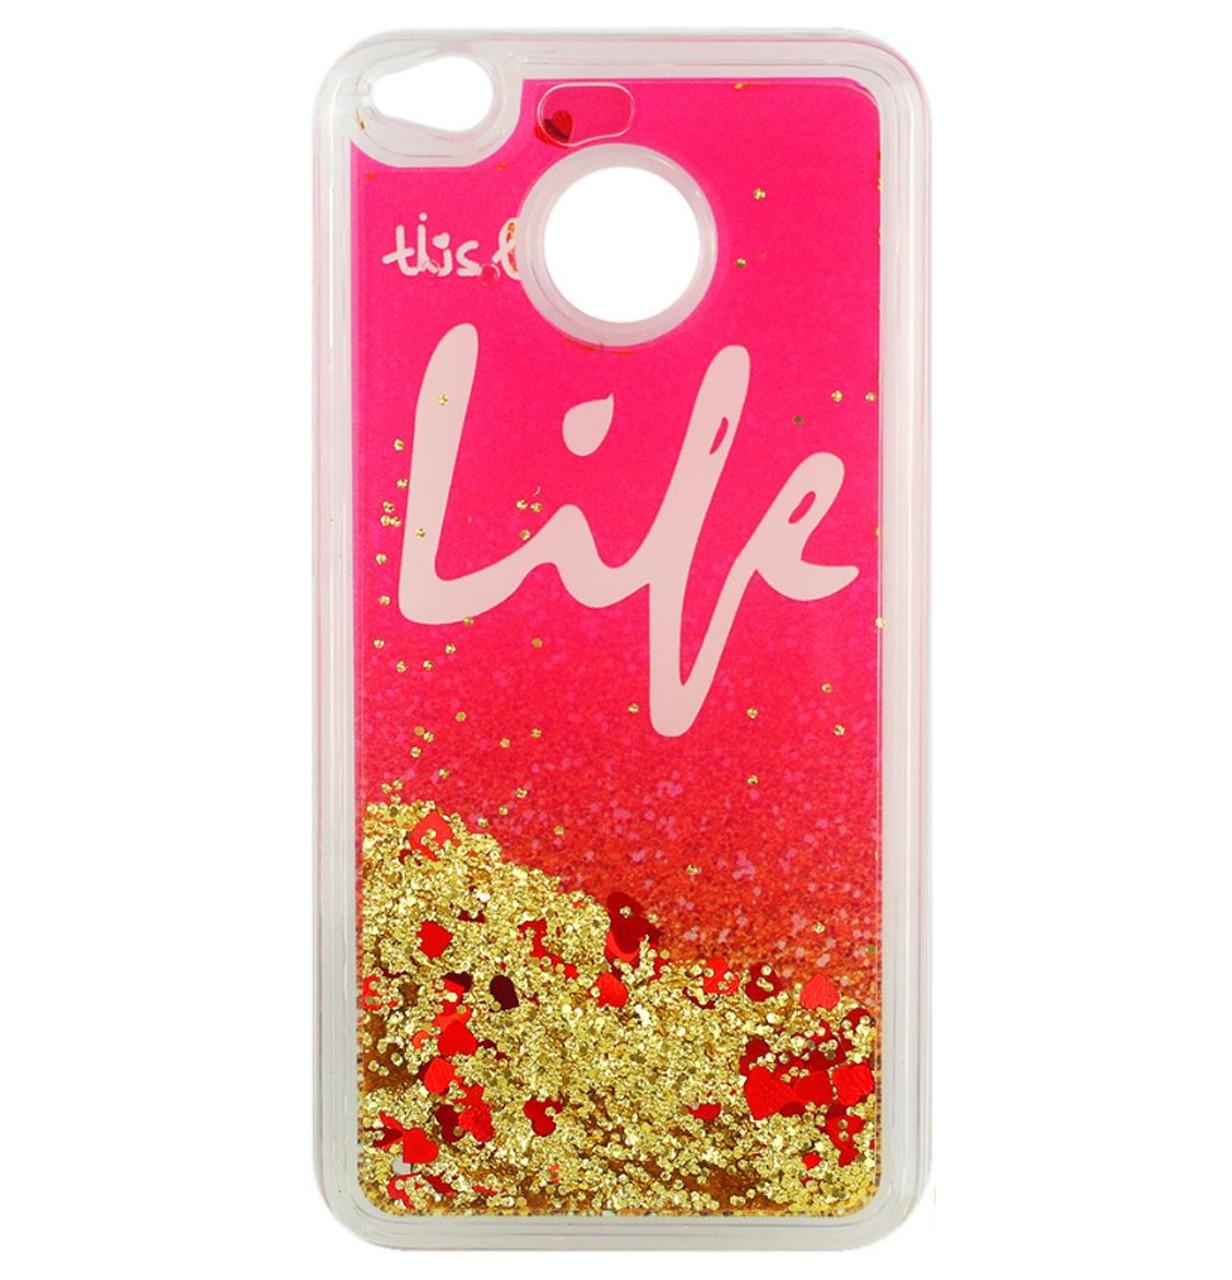 Чехол-накладка (Жидкий Блеск) Life для Xiaomi Redmi 4X Gold